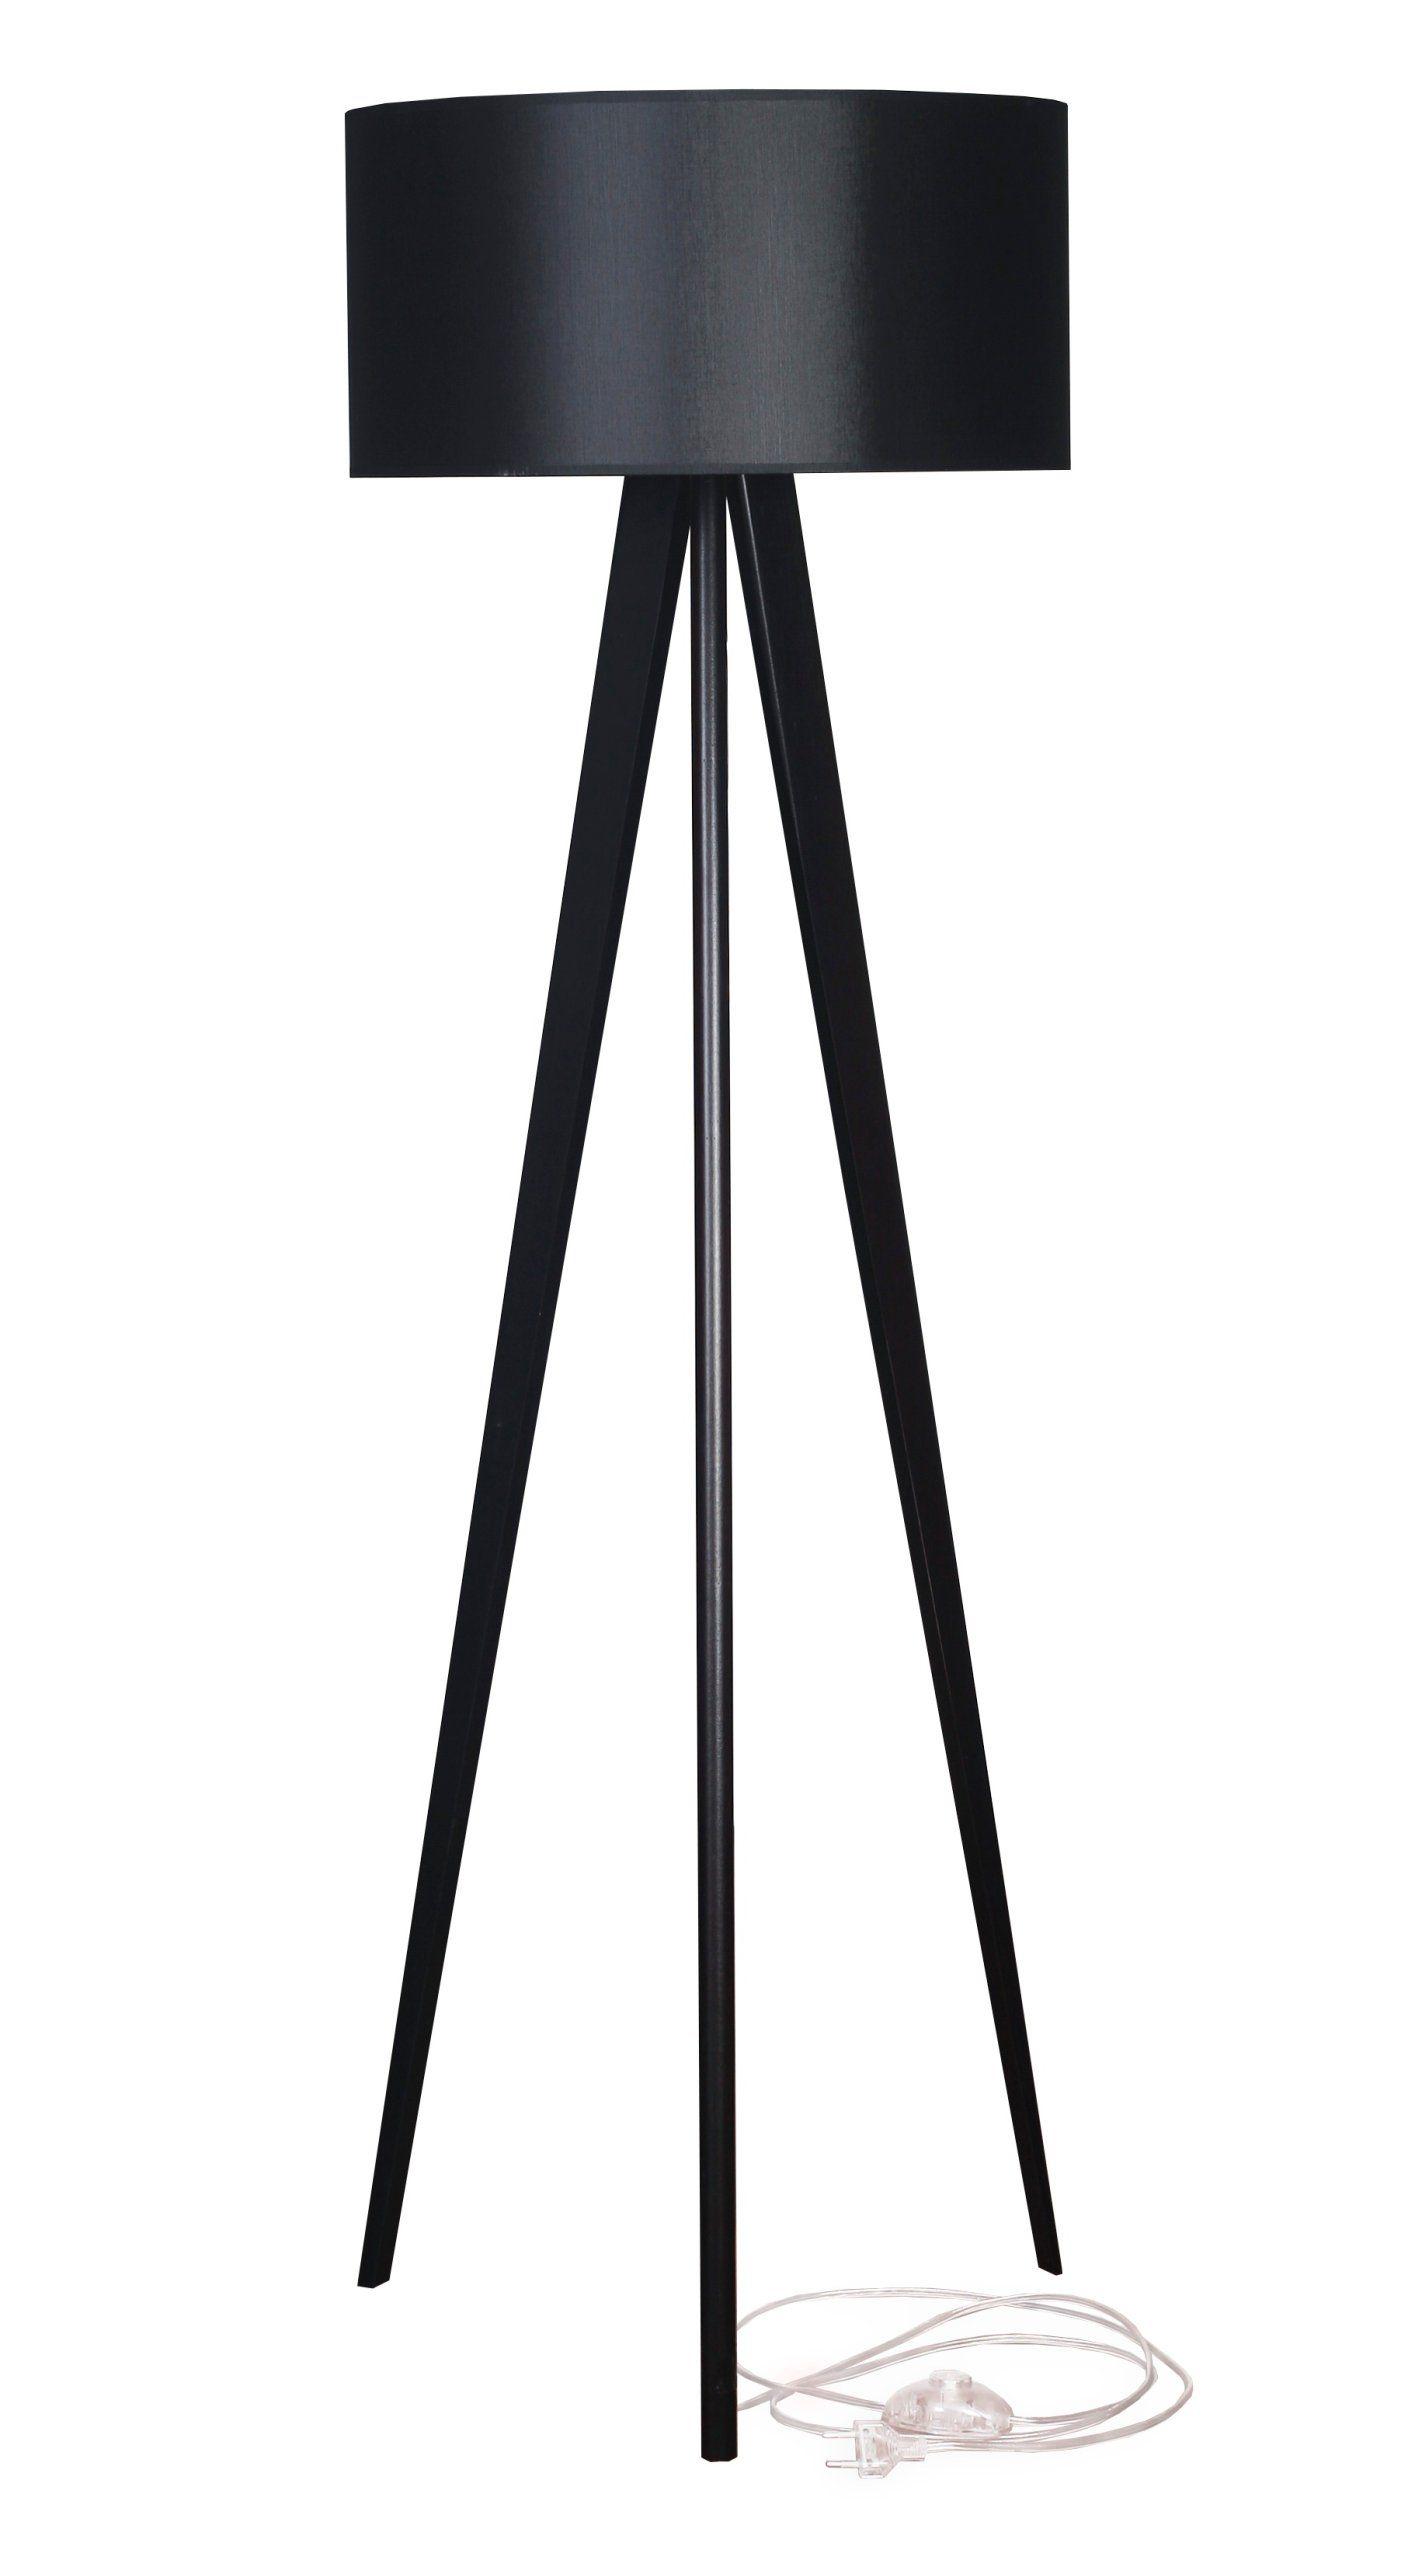 Kup Teraz Na Allegropl Za 26000 Zł Lampa Stojąca Podłogowa